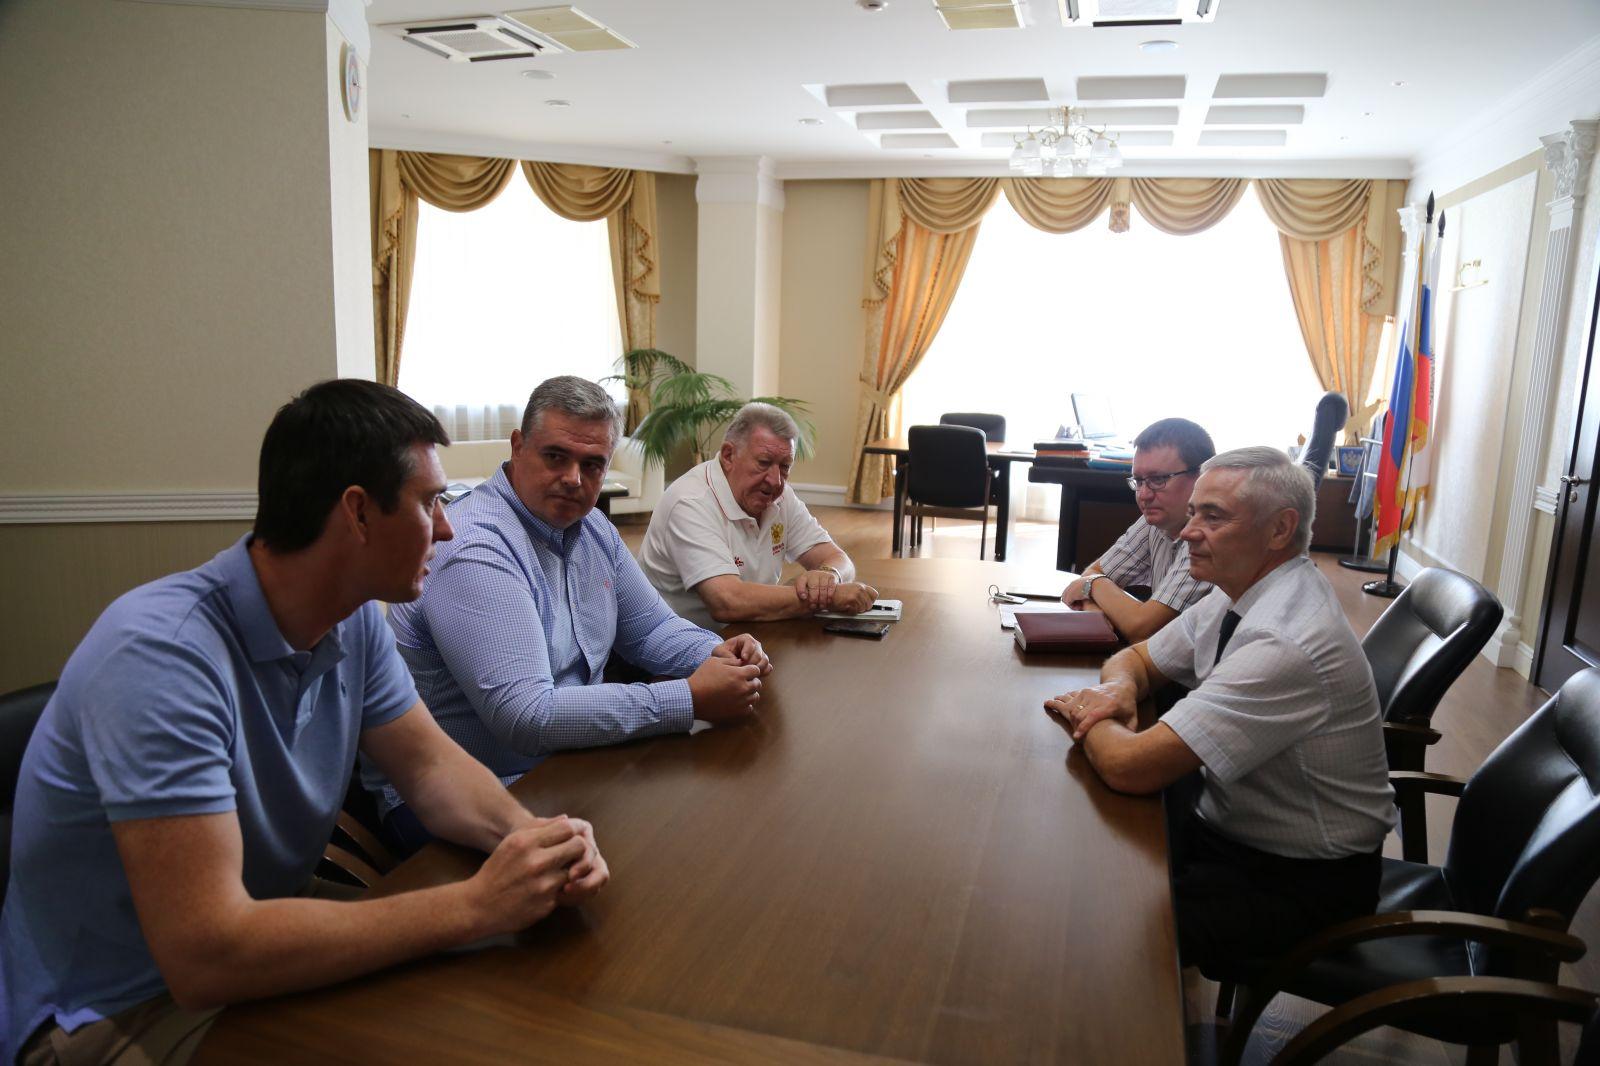 П.А. Рожков в офисе ПКР встретился с президентом Федерации гребного спорта России А.В. Свириным